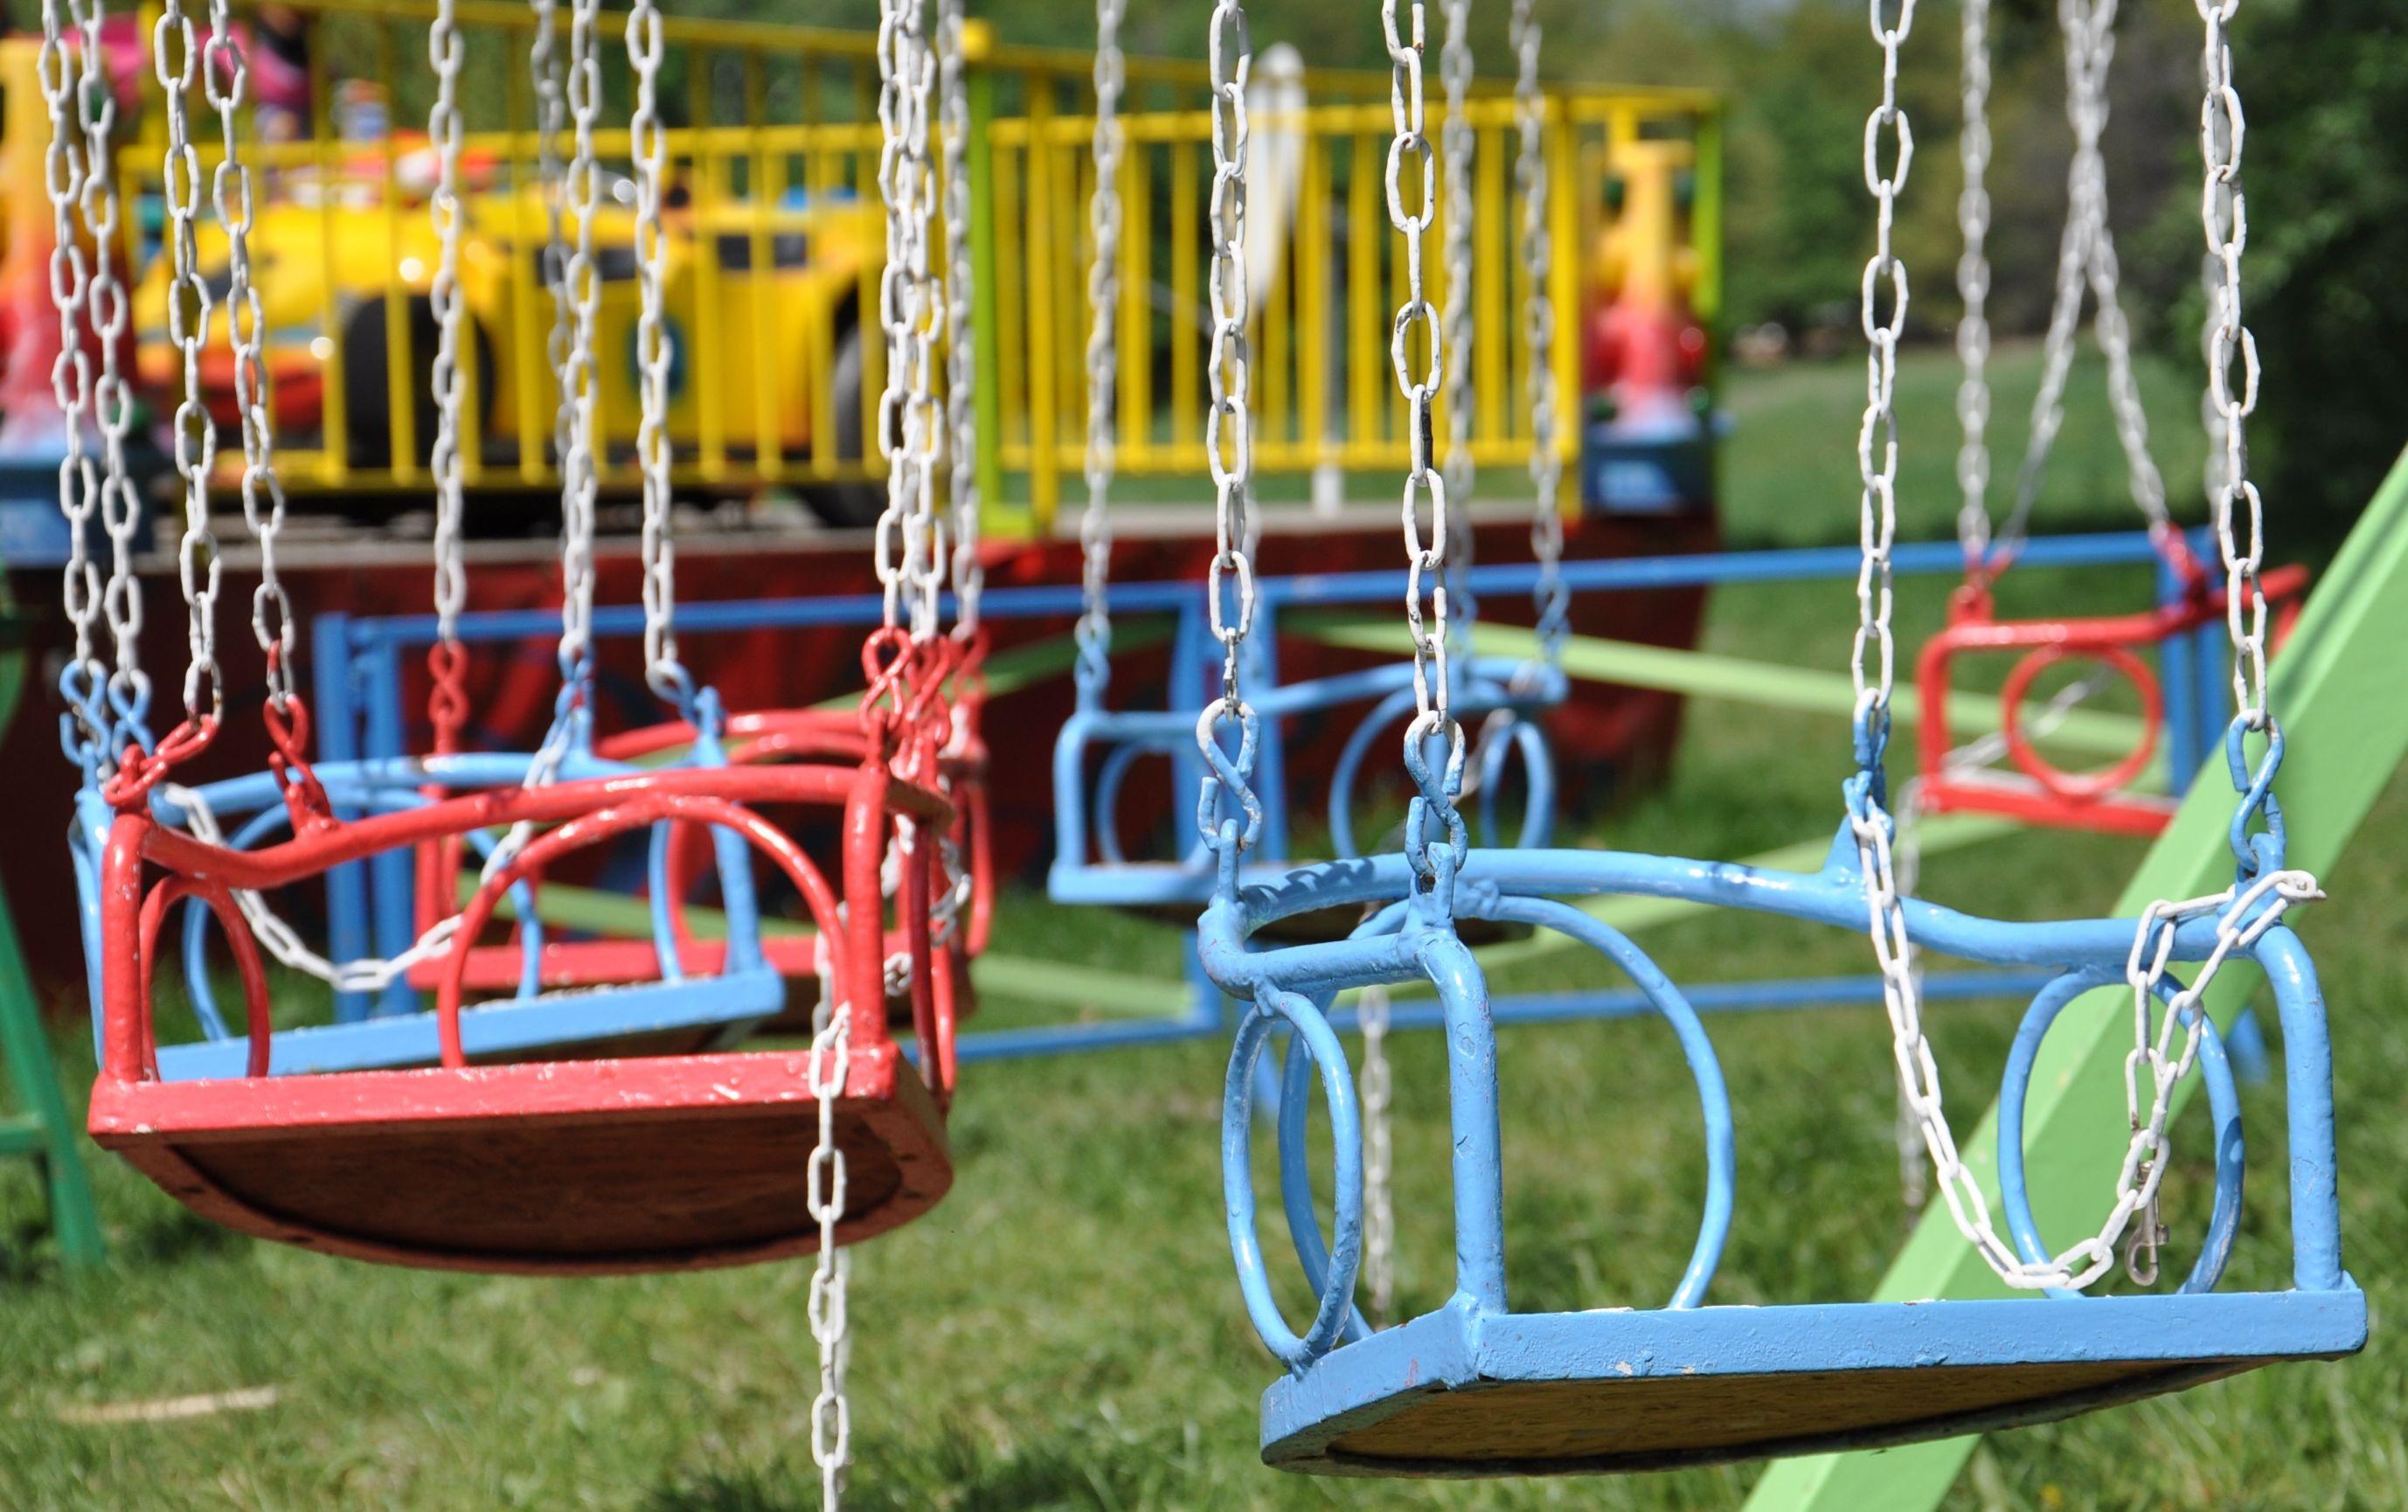 free images chair city amusement park color backyard